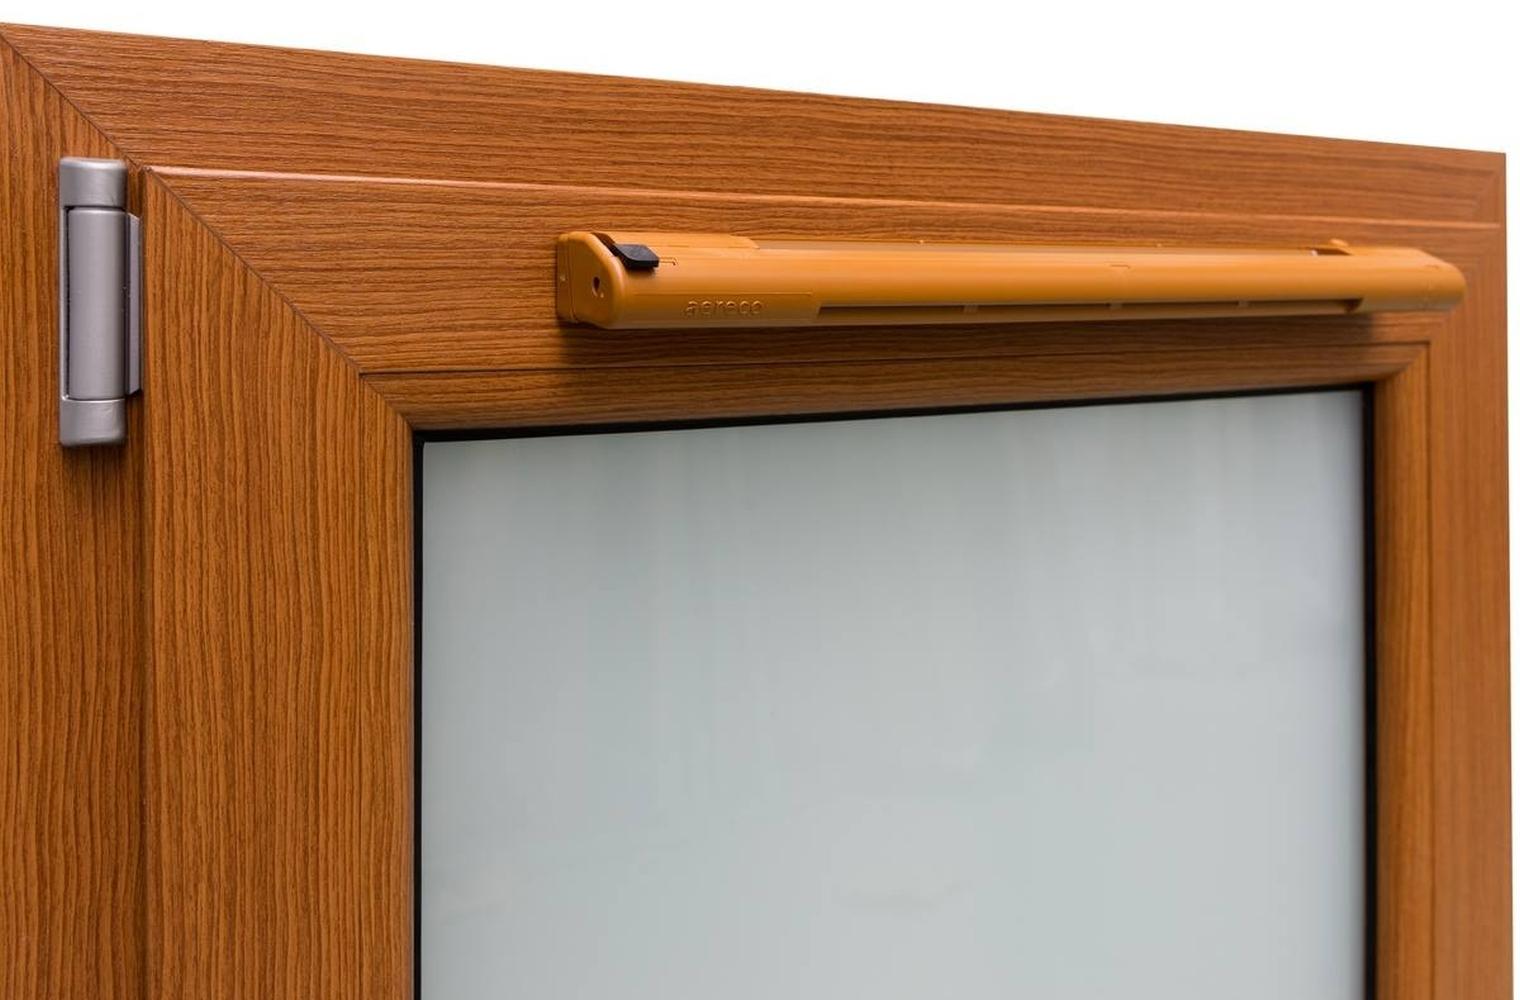 fenster 120x60cm zu g nstigen preisen. Black Bedroom Furniture Sets. Home Design Ideas